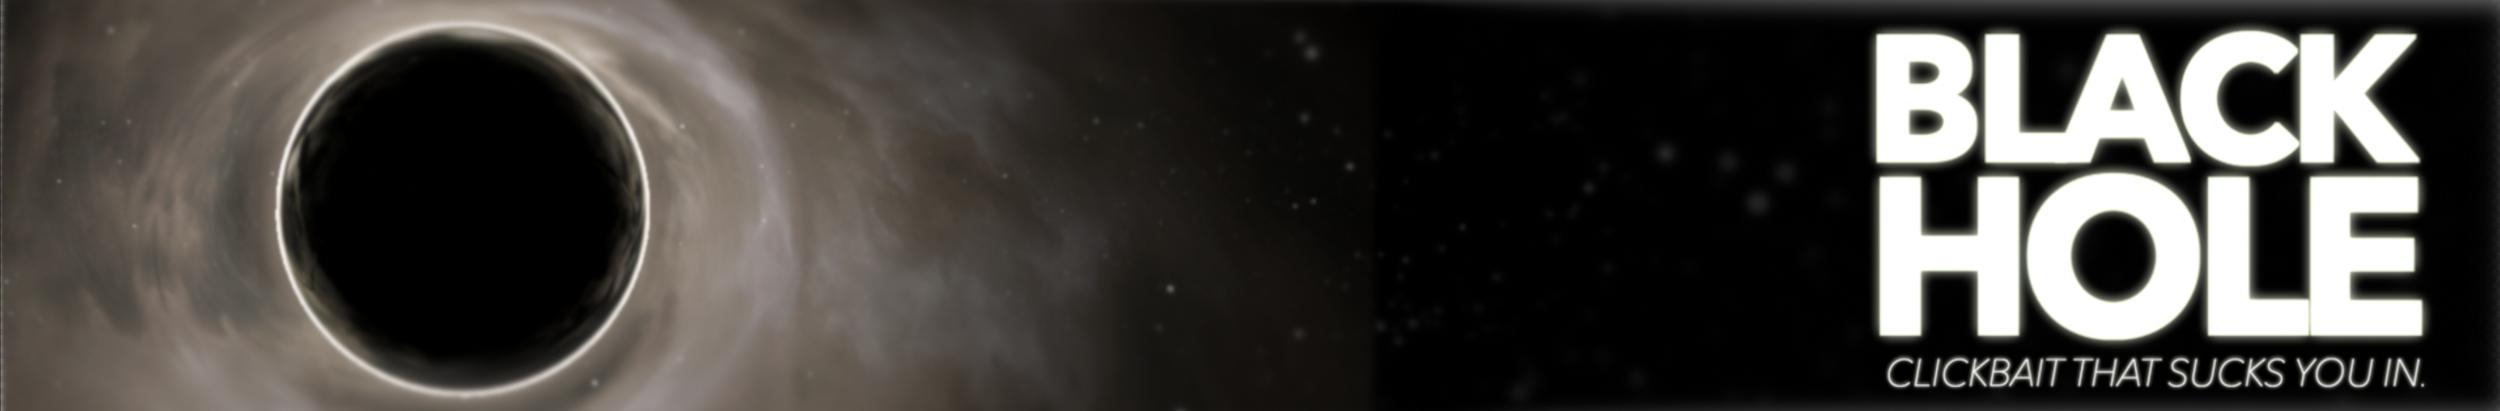 I - Website Header, Black Hole.png